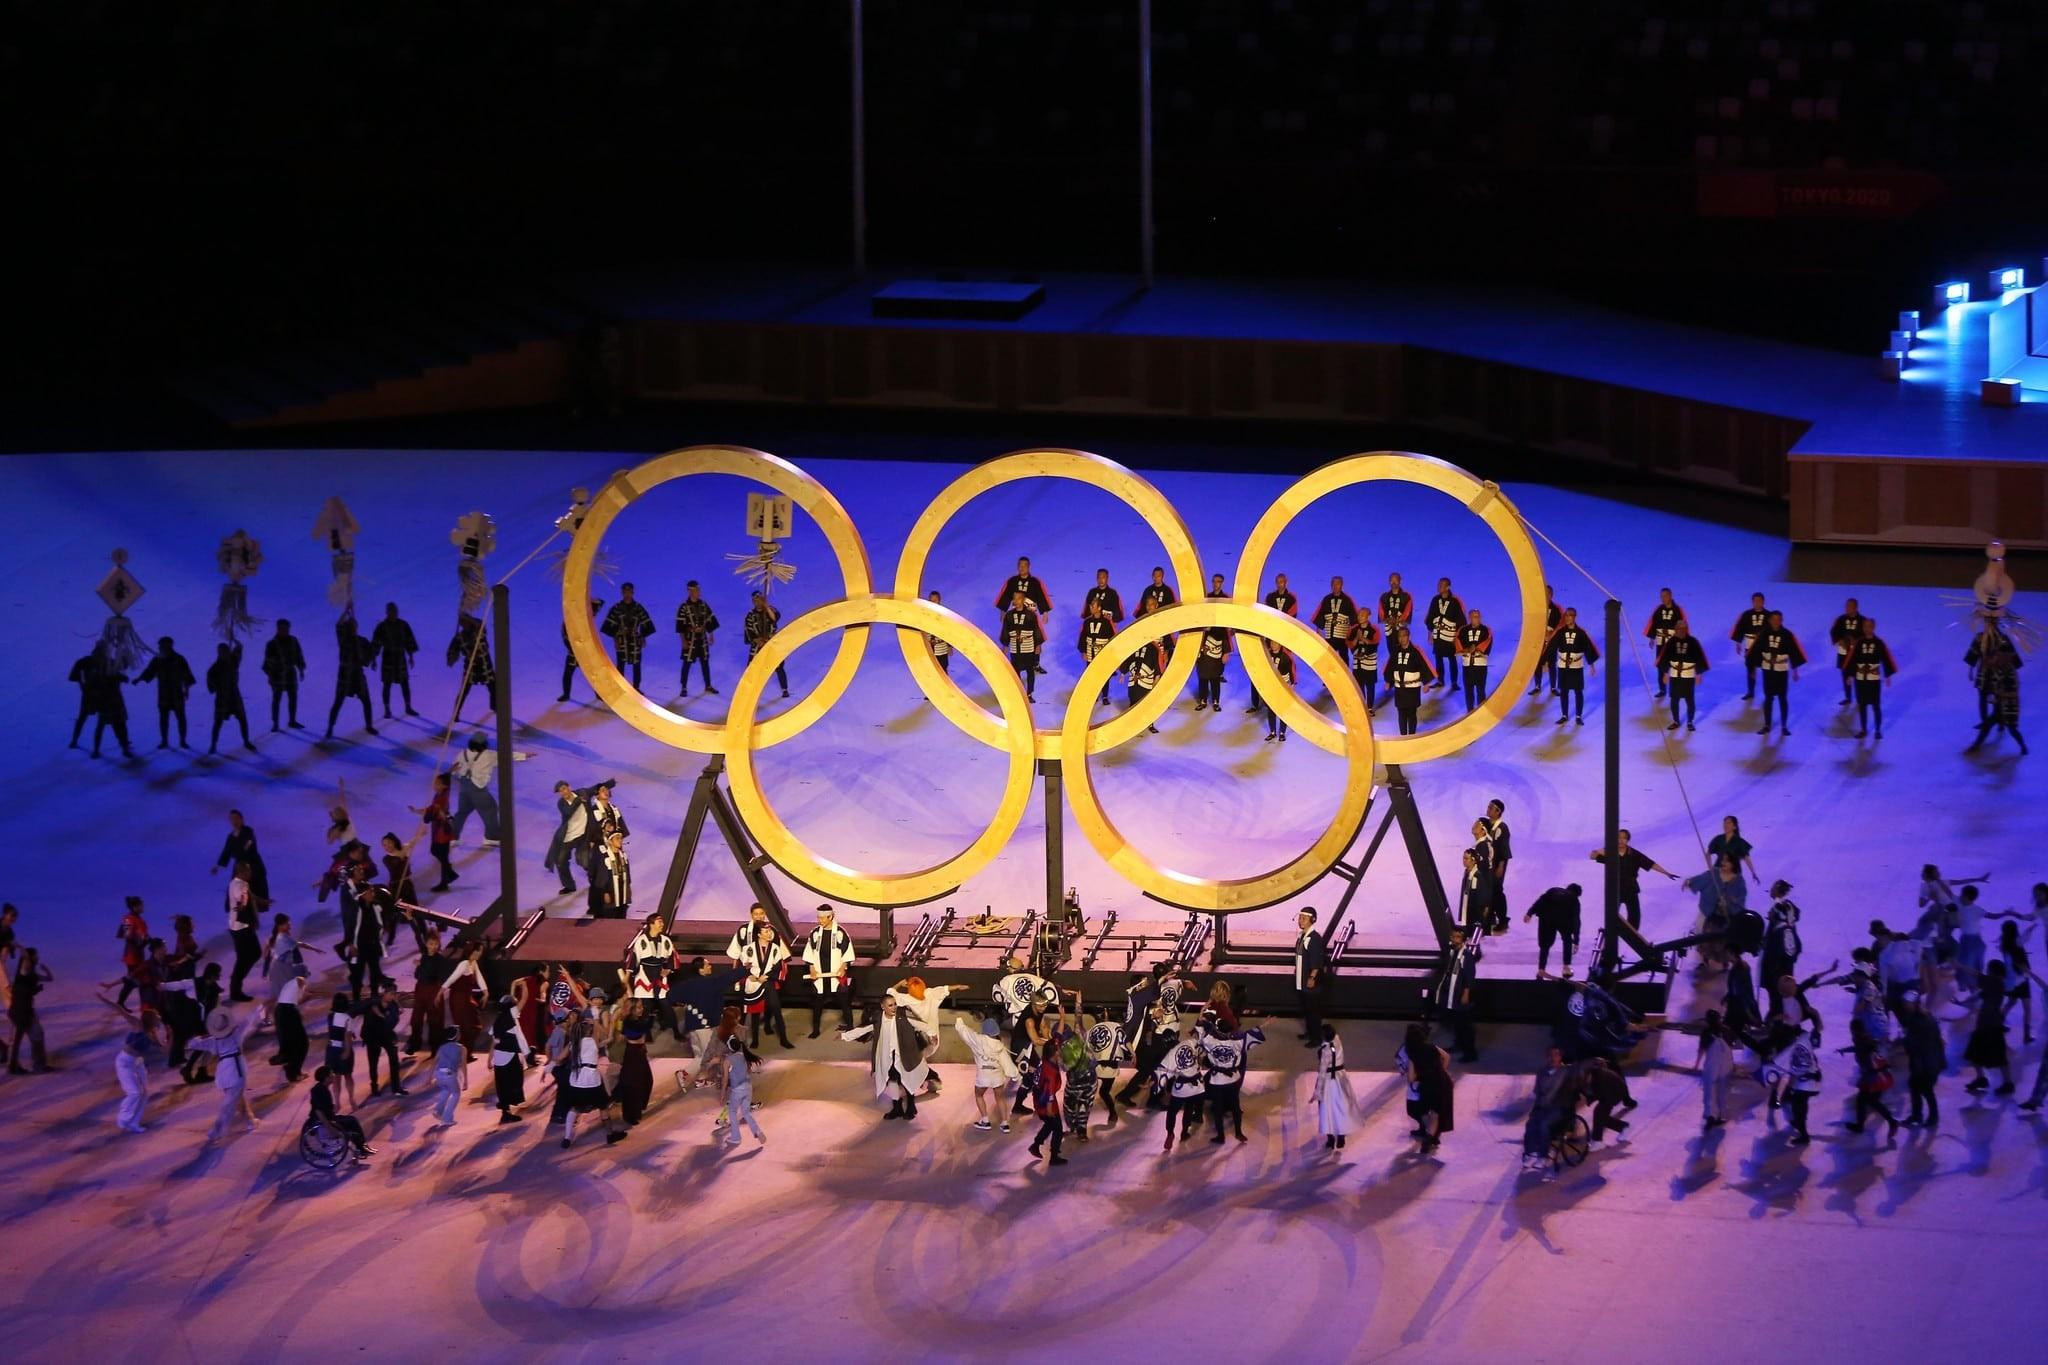 Jogos Olímpicos: as respostas para as perguntas mais buscadas no Google (Foto: Breno Barros/rededoesporte.gov.br)